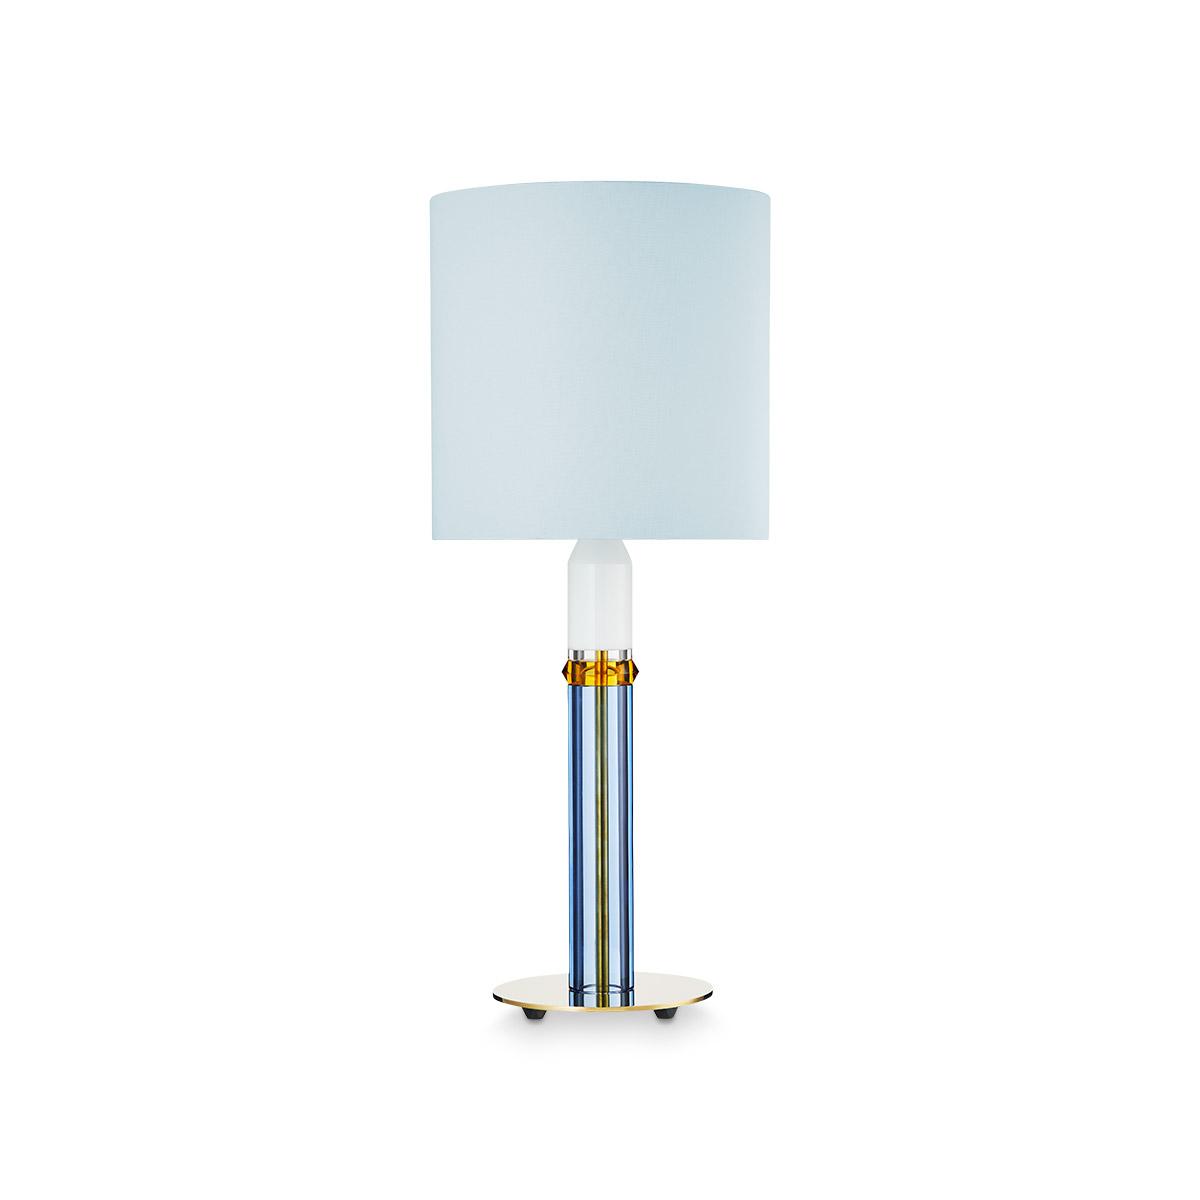 Carnival bordlampe i krystall med lyseblå skjerm.